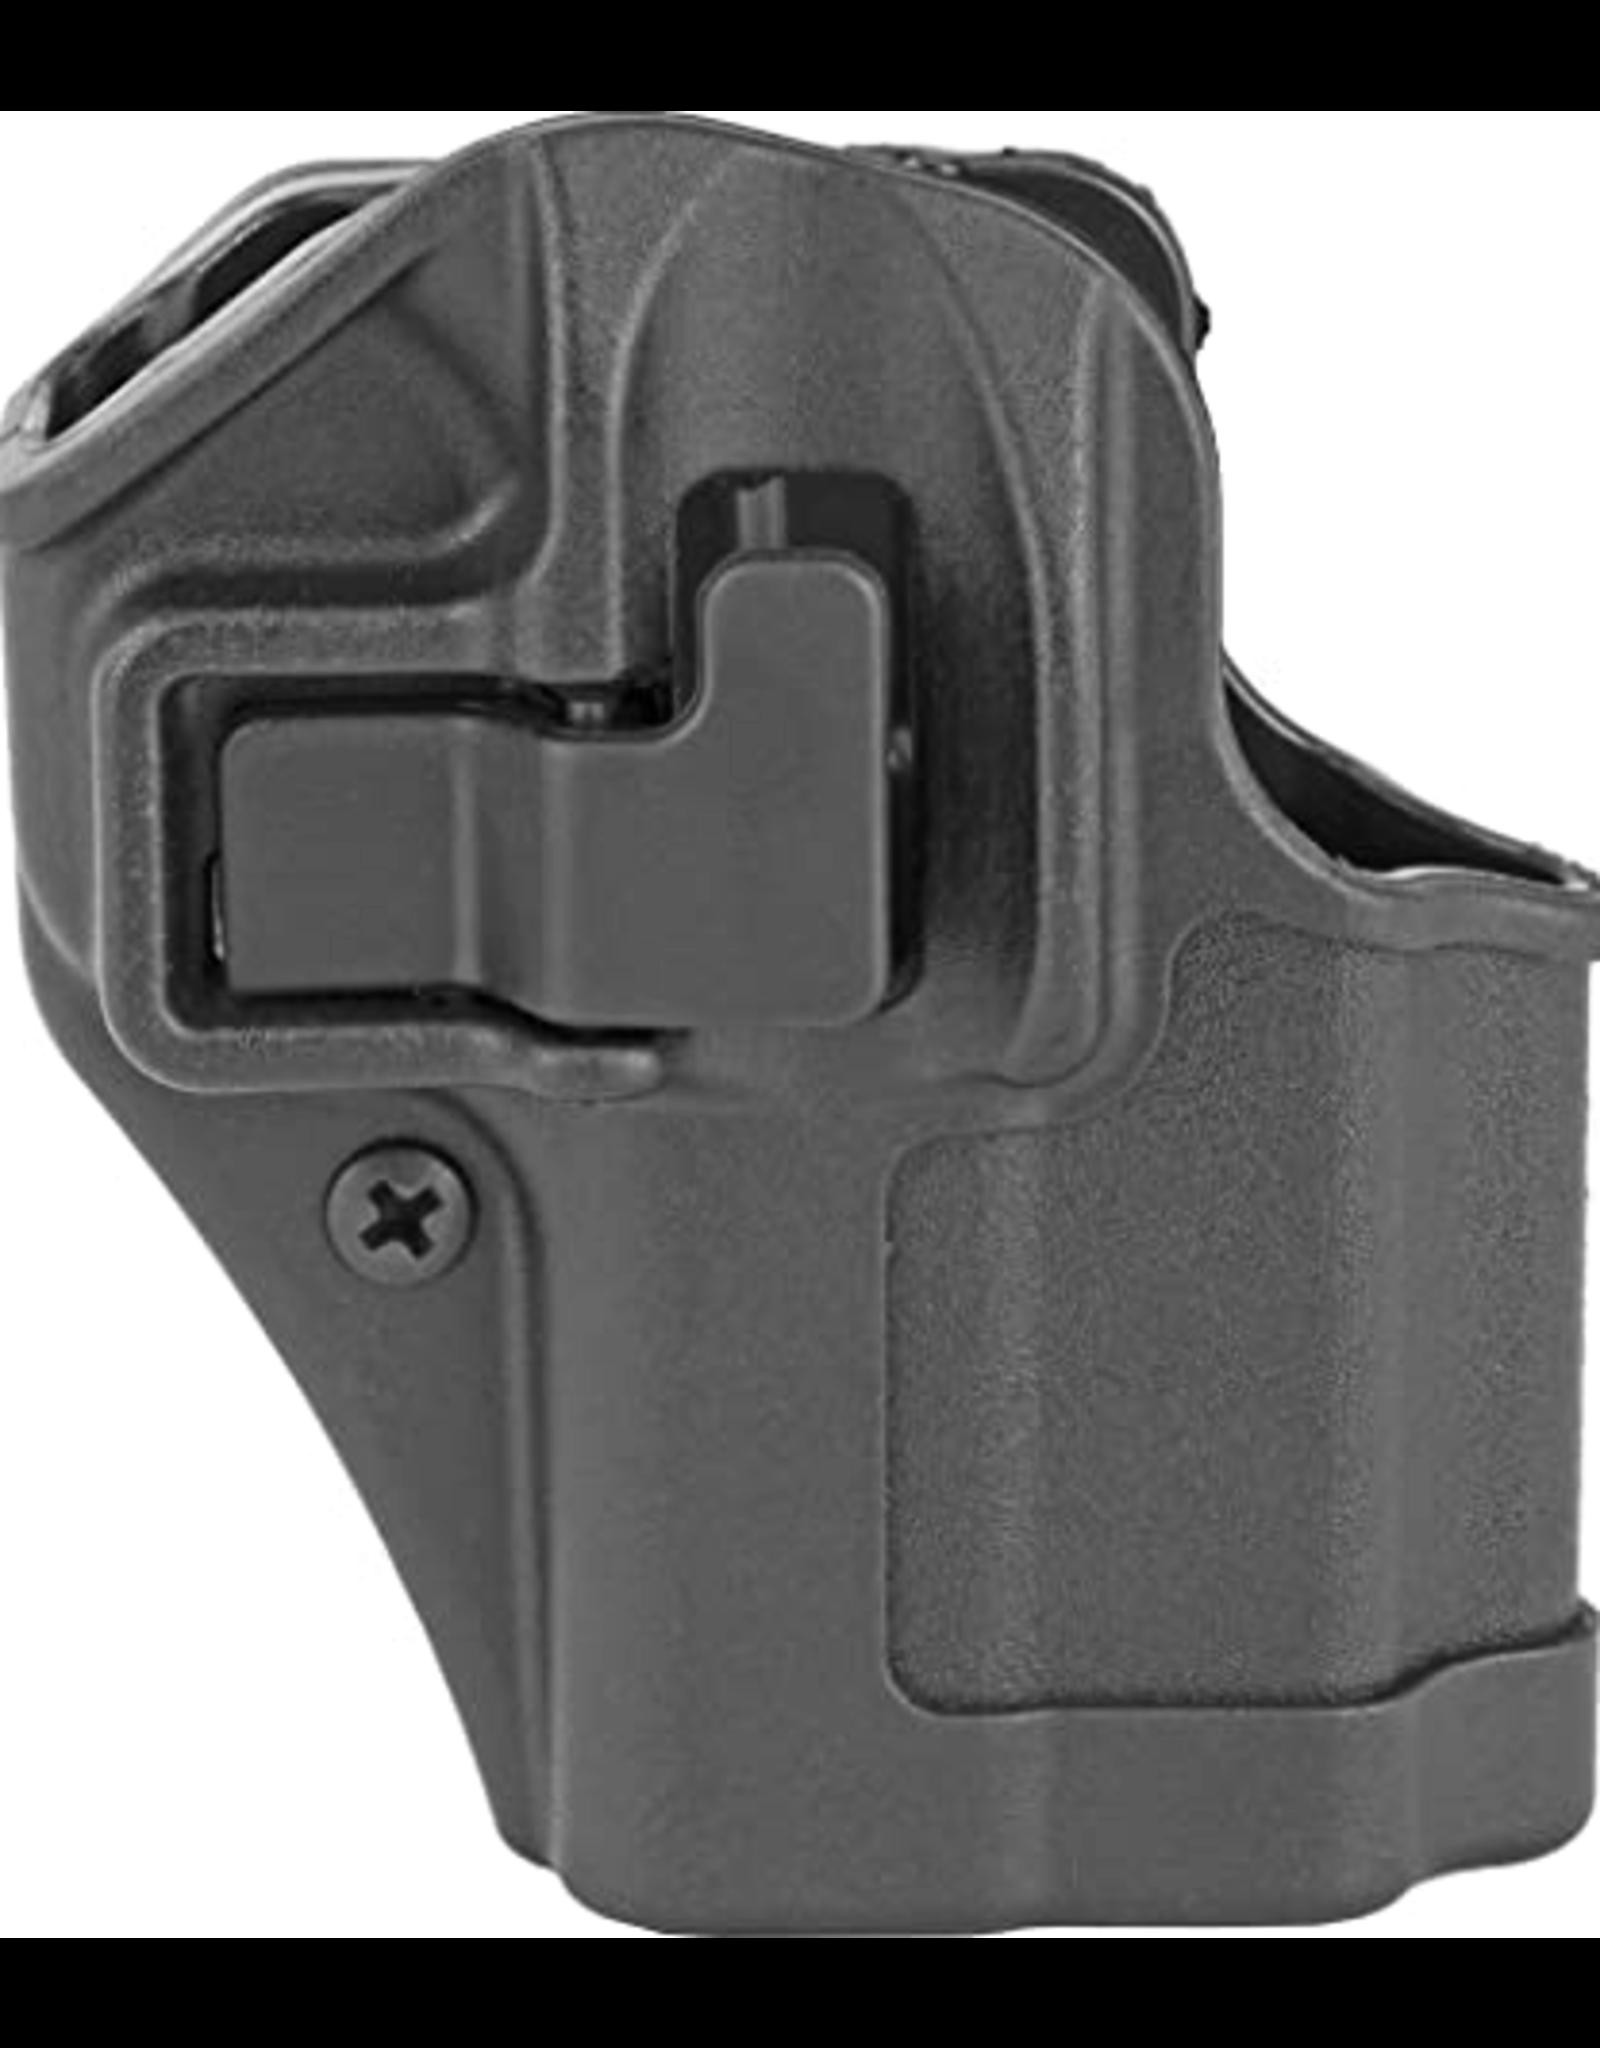 Blackhawk Blackhawk Serpa CQC Glock 19/23/32/36 - Right